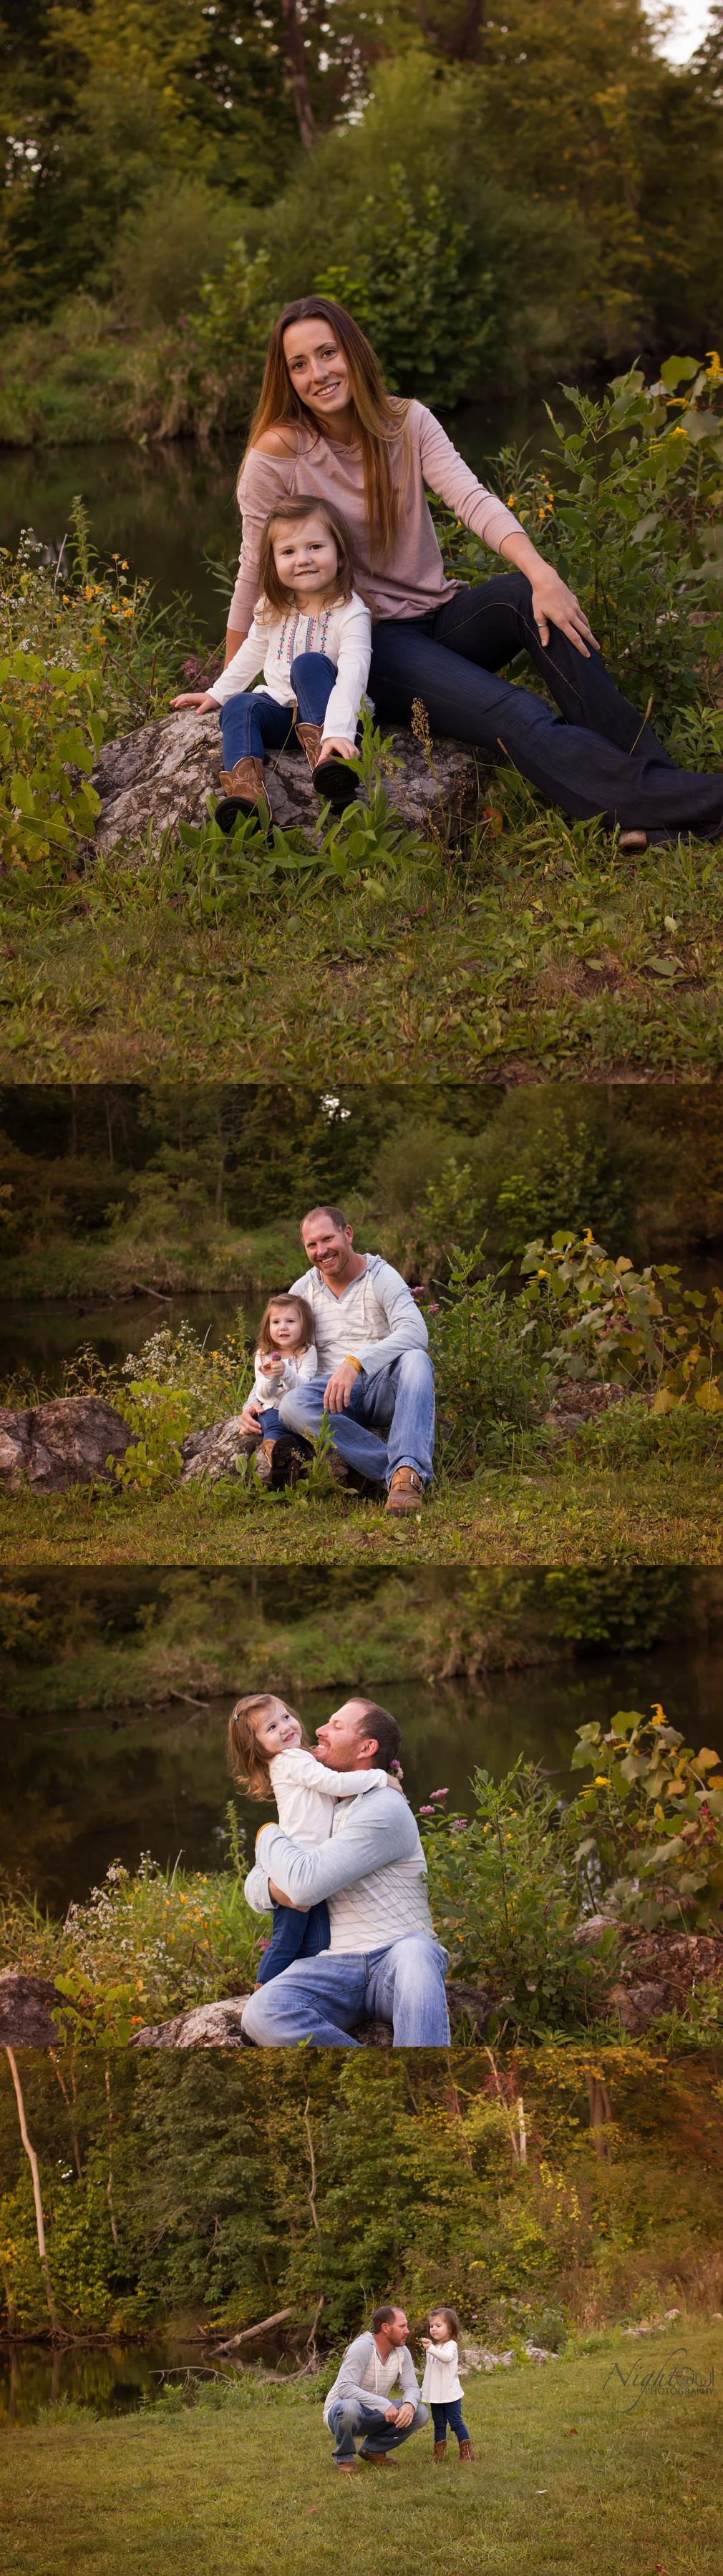 St. Joseph Michigan Newborn, Child and family Photographer_0272.jpg